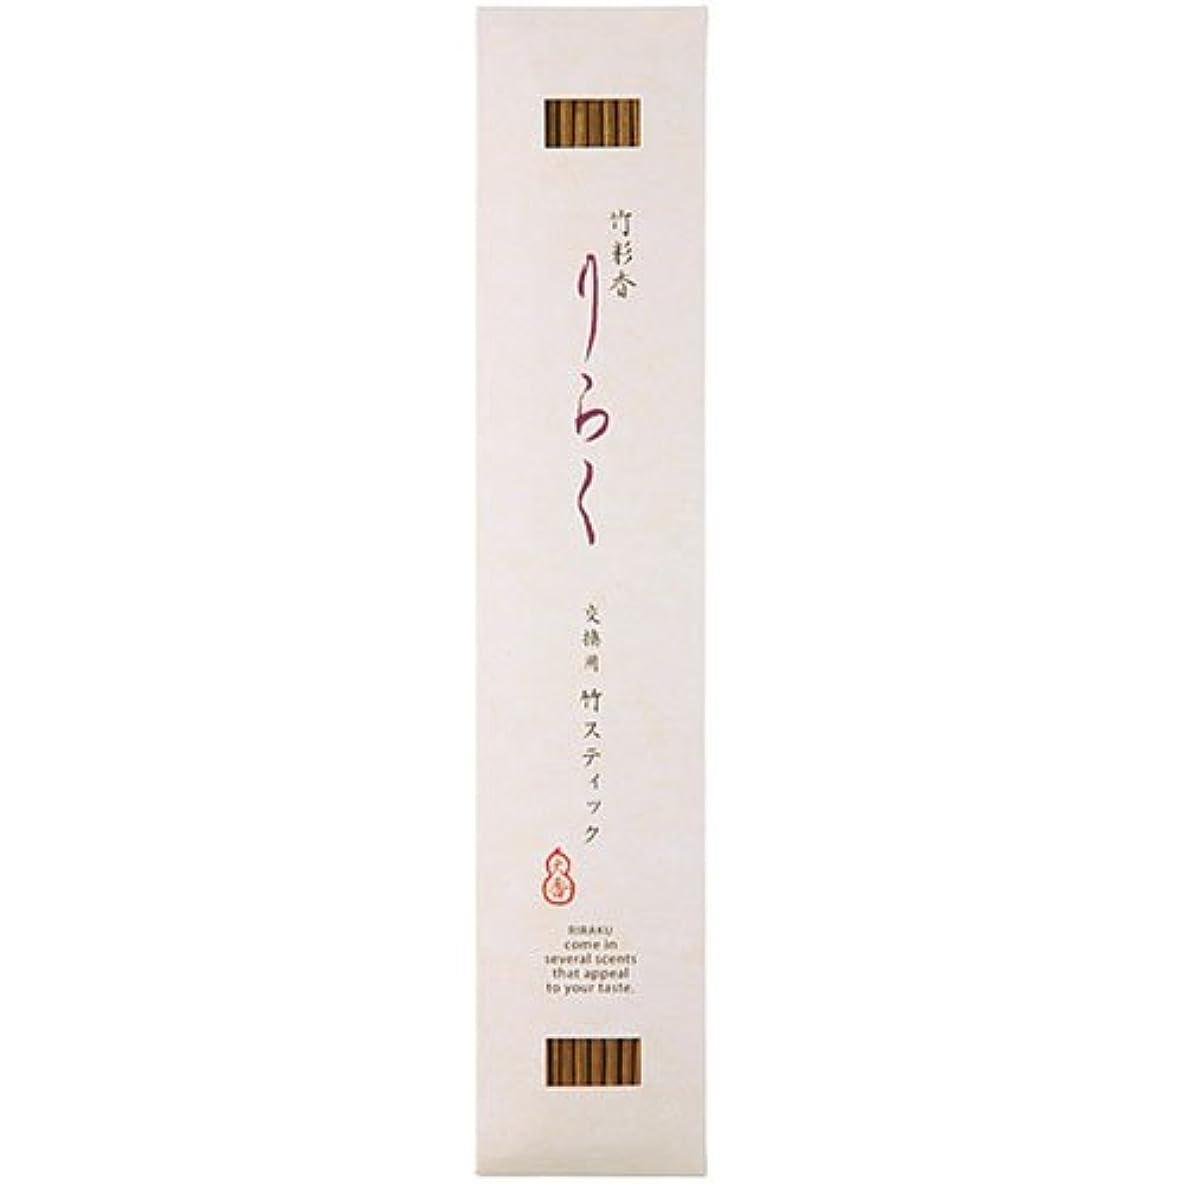 瞑想め言葉偶然の竹彩香りらく 交換用竹スティック白檀の色 10本